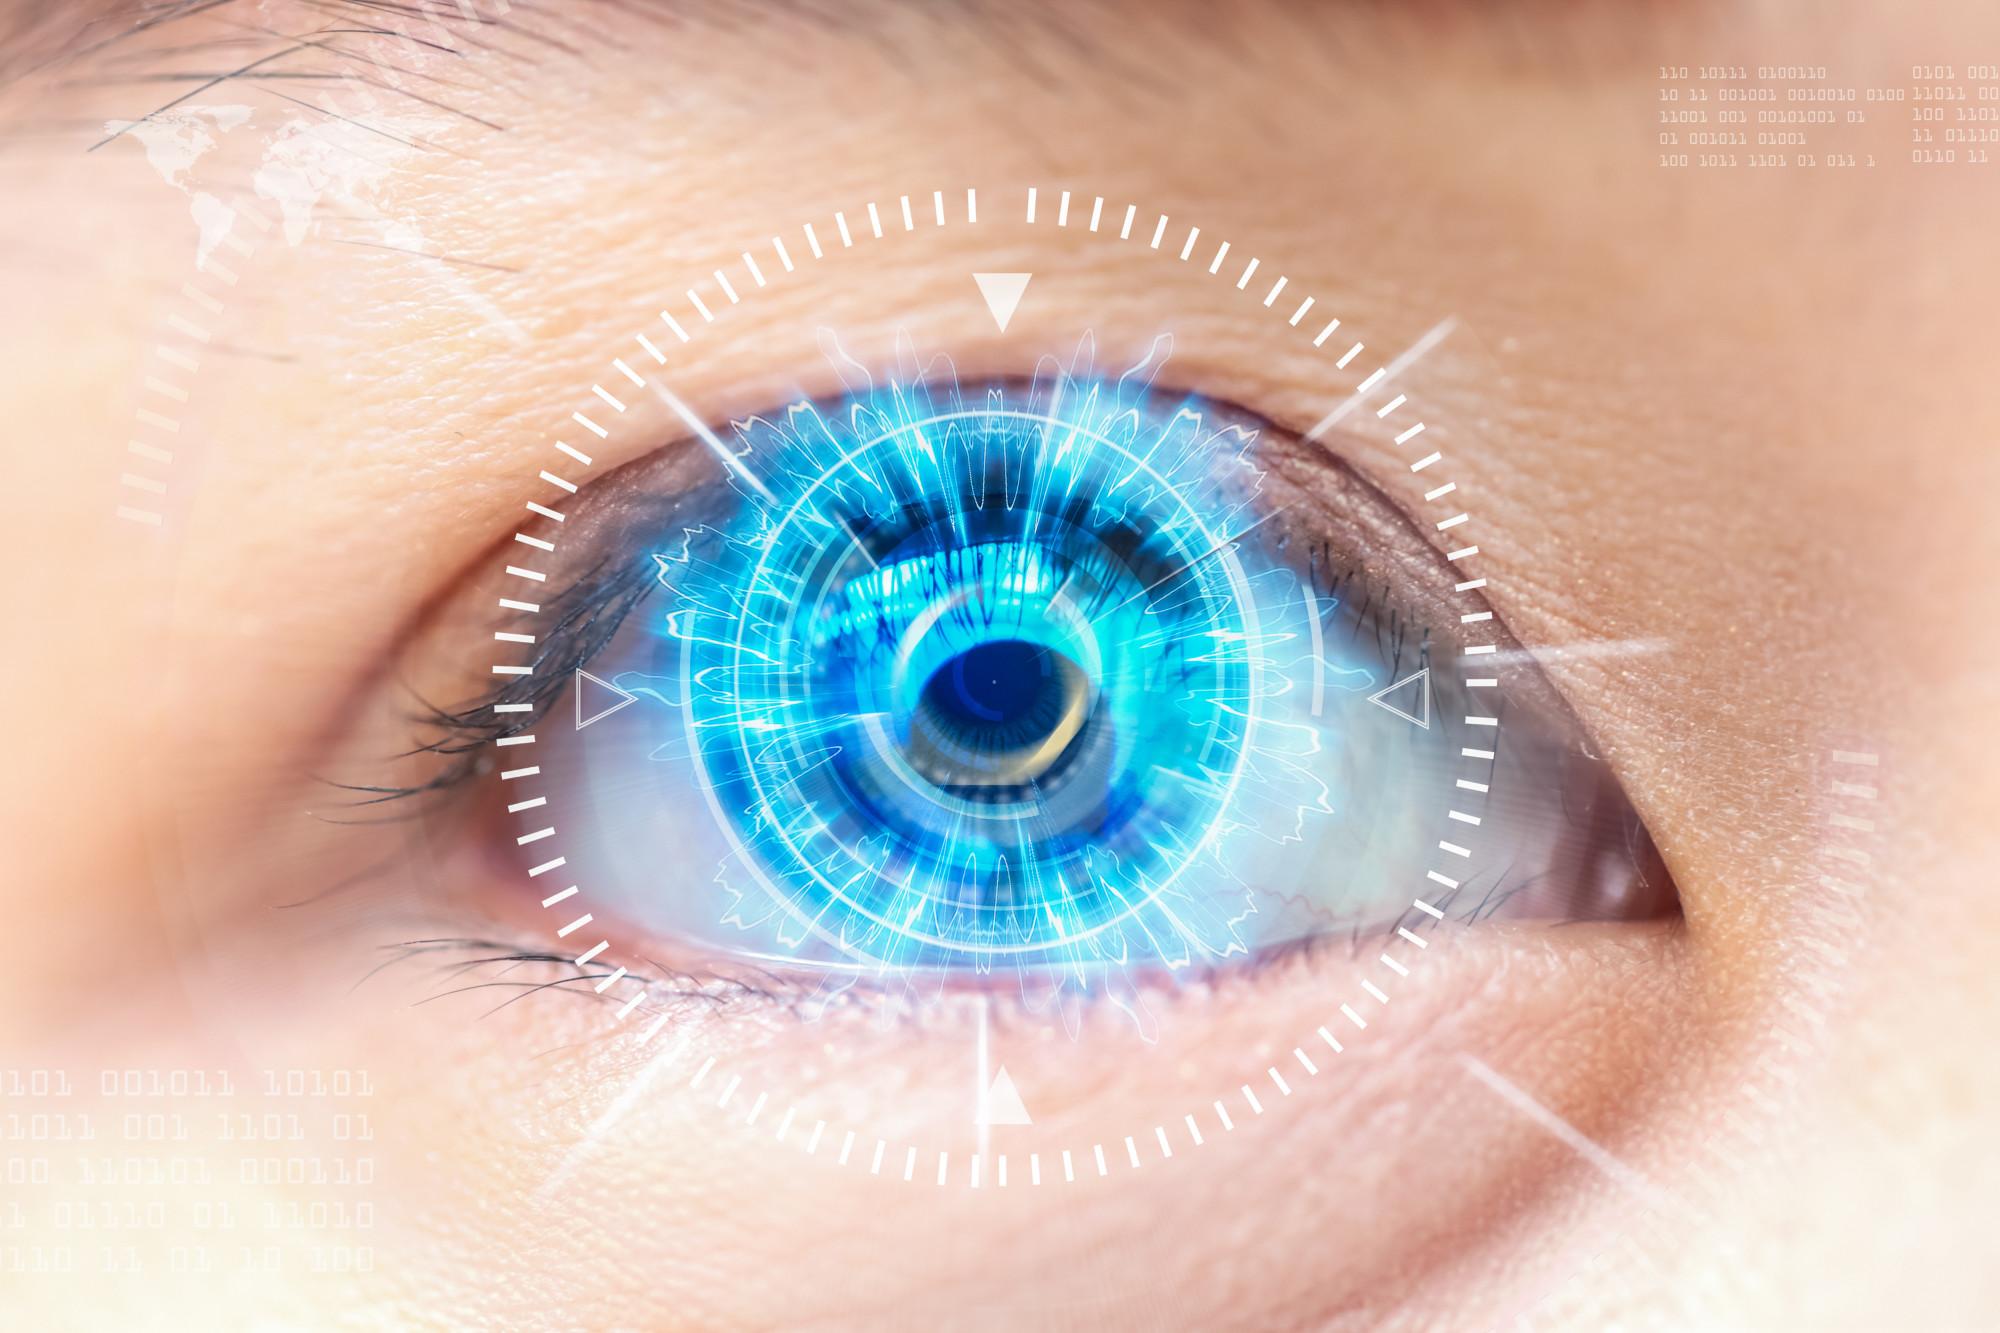 Öt eset, amikor mindenképp szemészhez kell fordulni - EgészségKalauz